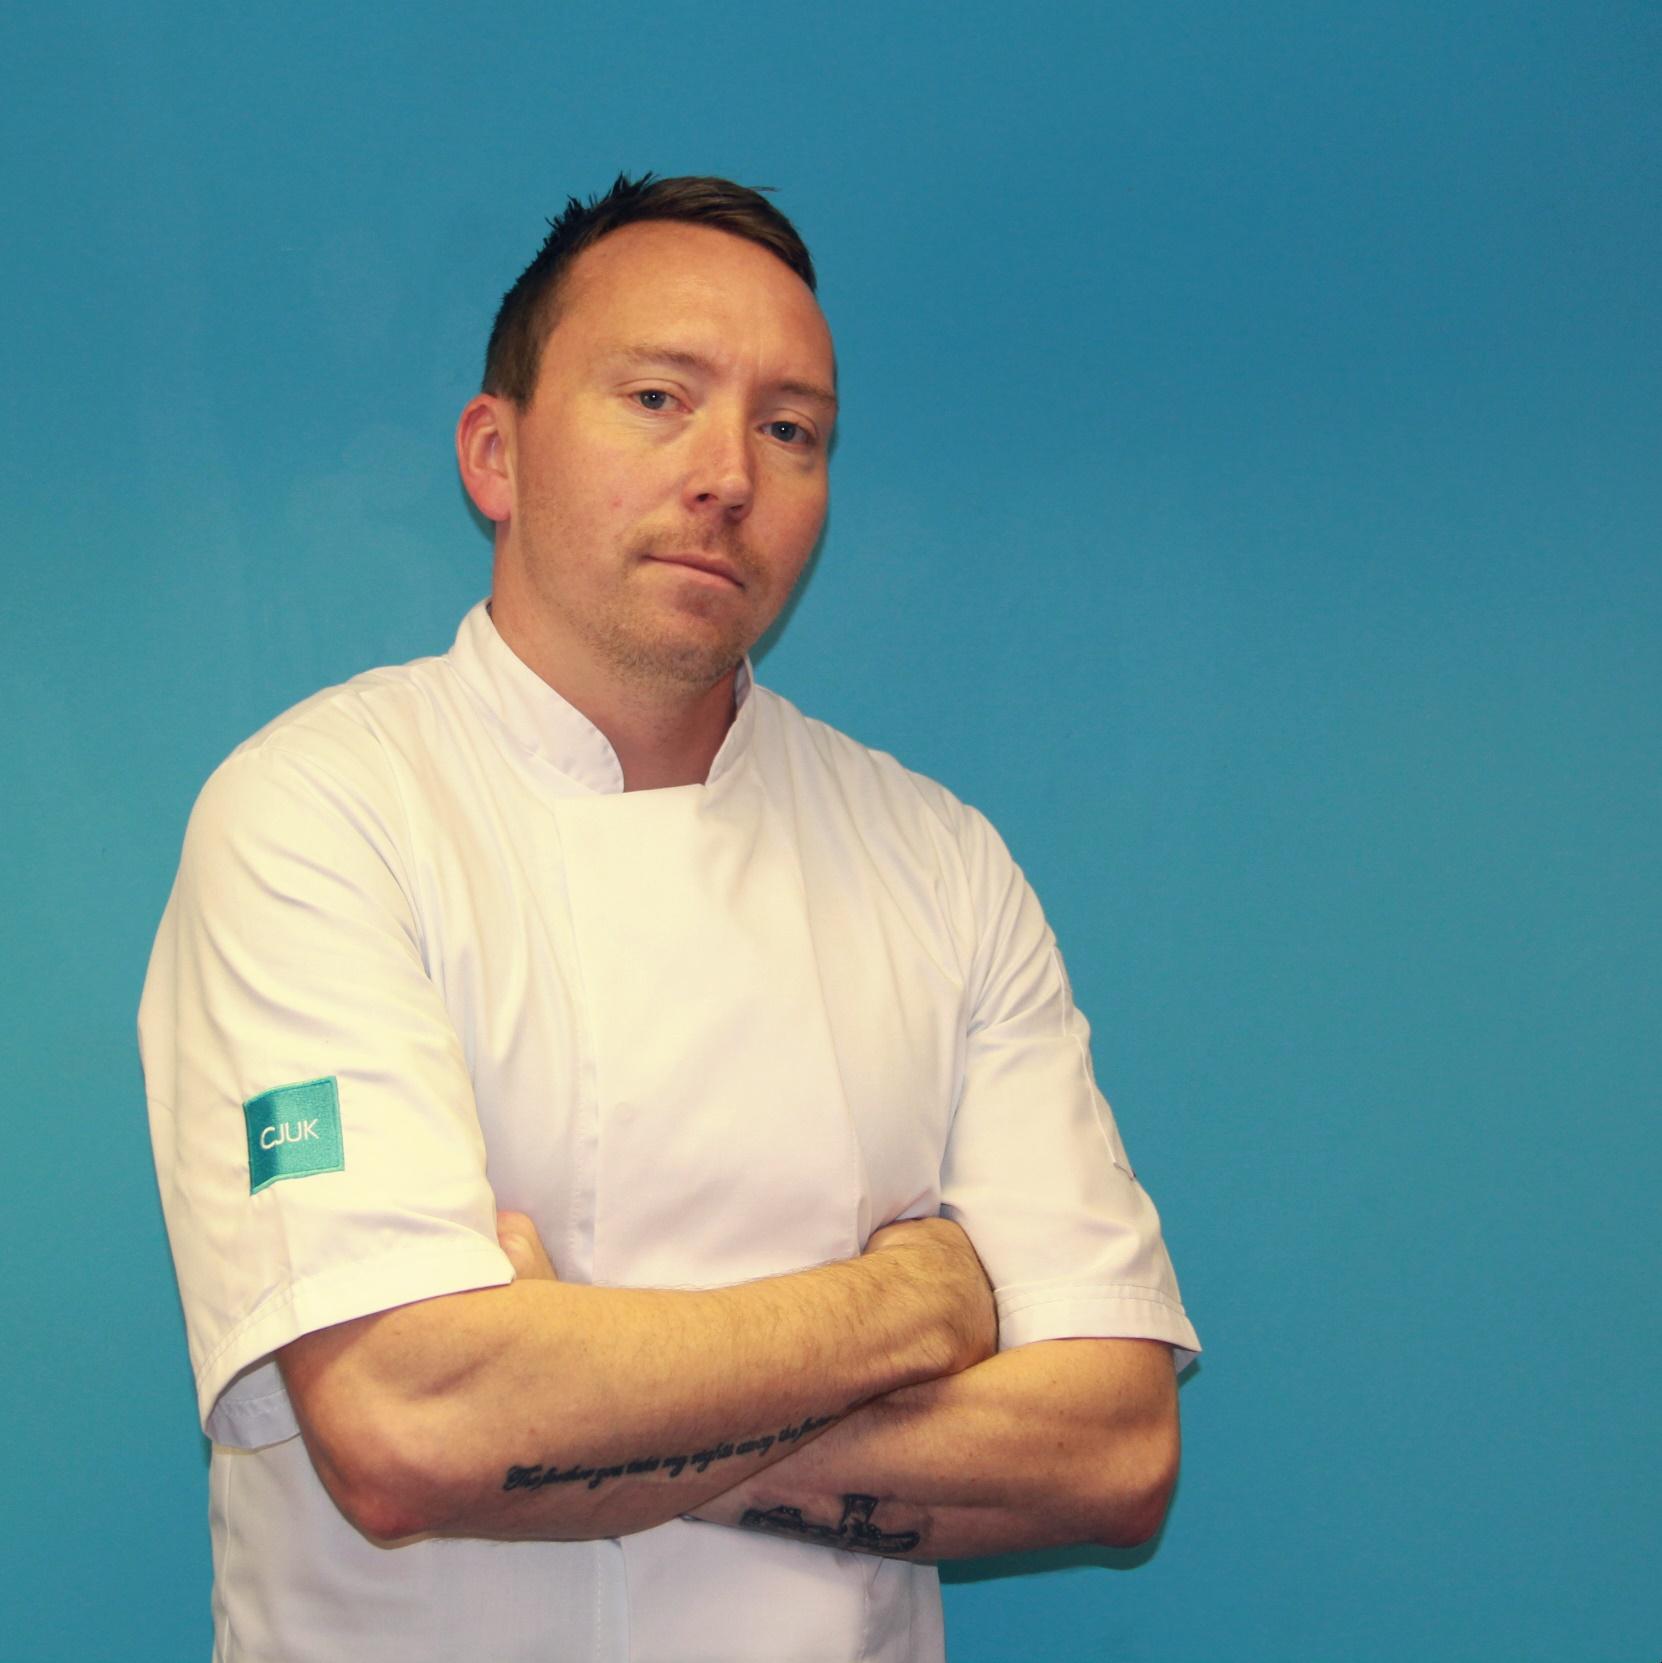 Keith, CJUK Chef